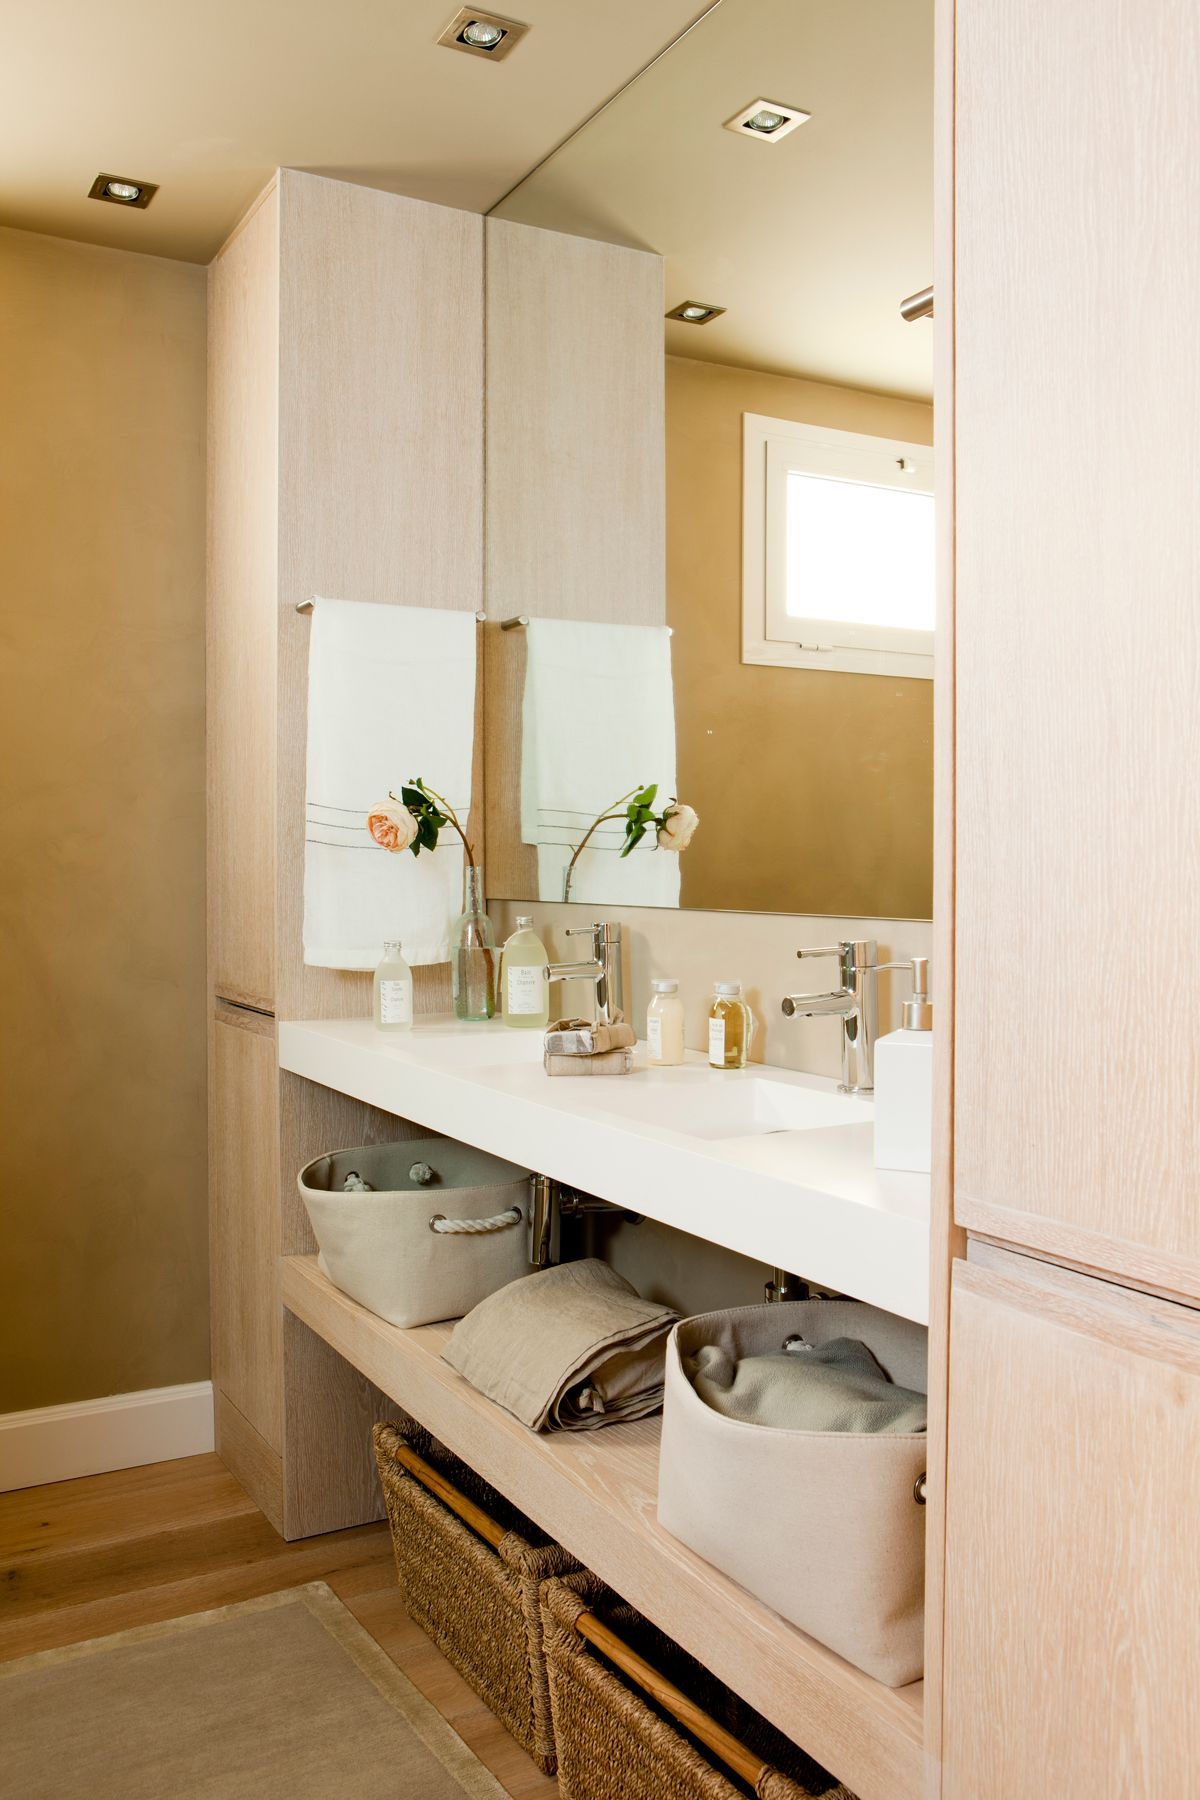 Ba o con armarios altos a medida espejo xl y mueble - Mueble bano a medida ...